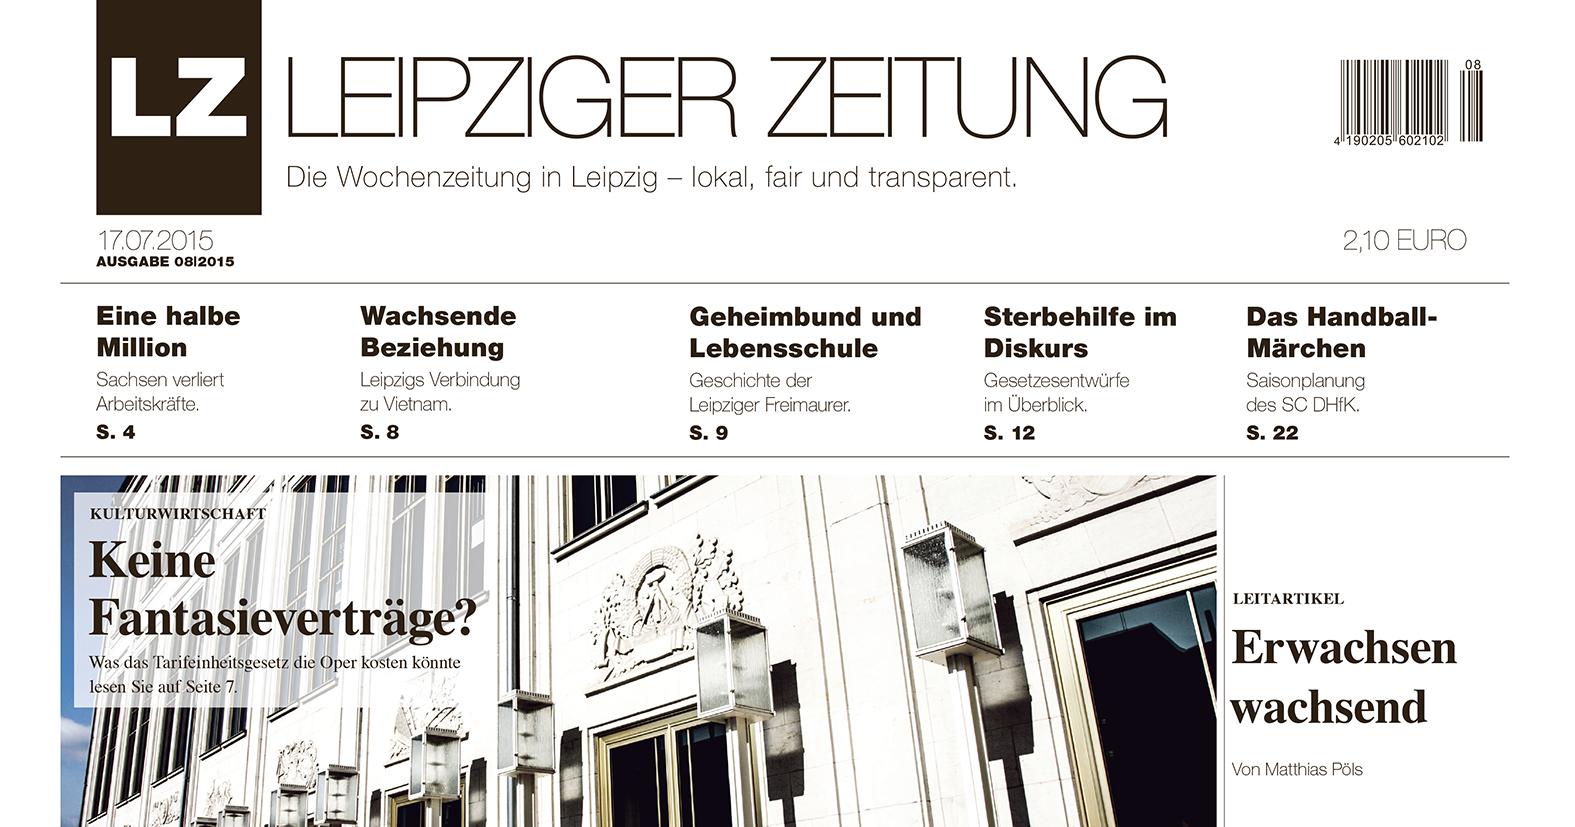 LEIPZIGER ZEITUNG Titelblatt Ausgabe 08